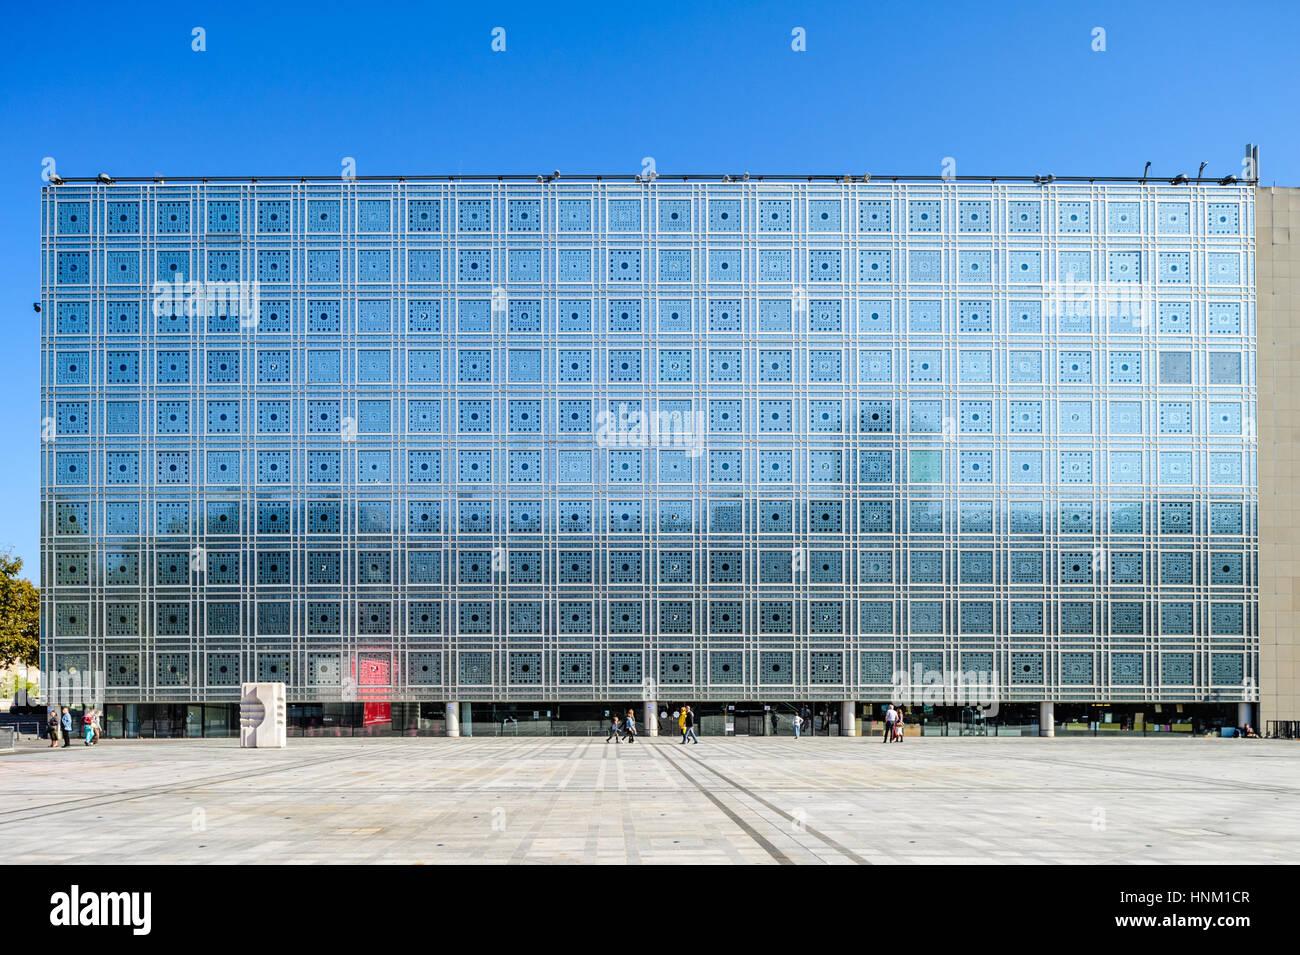 France, Paris,  Institut du monde arabe - Stock Image